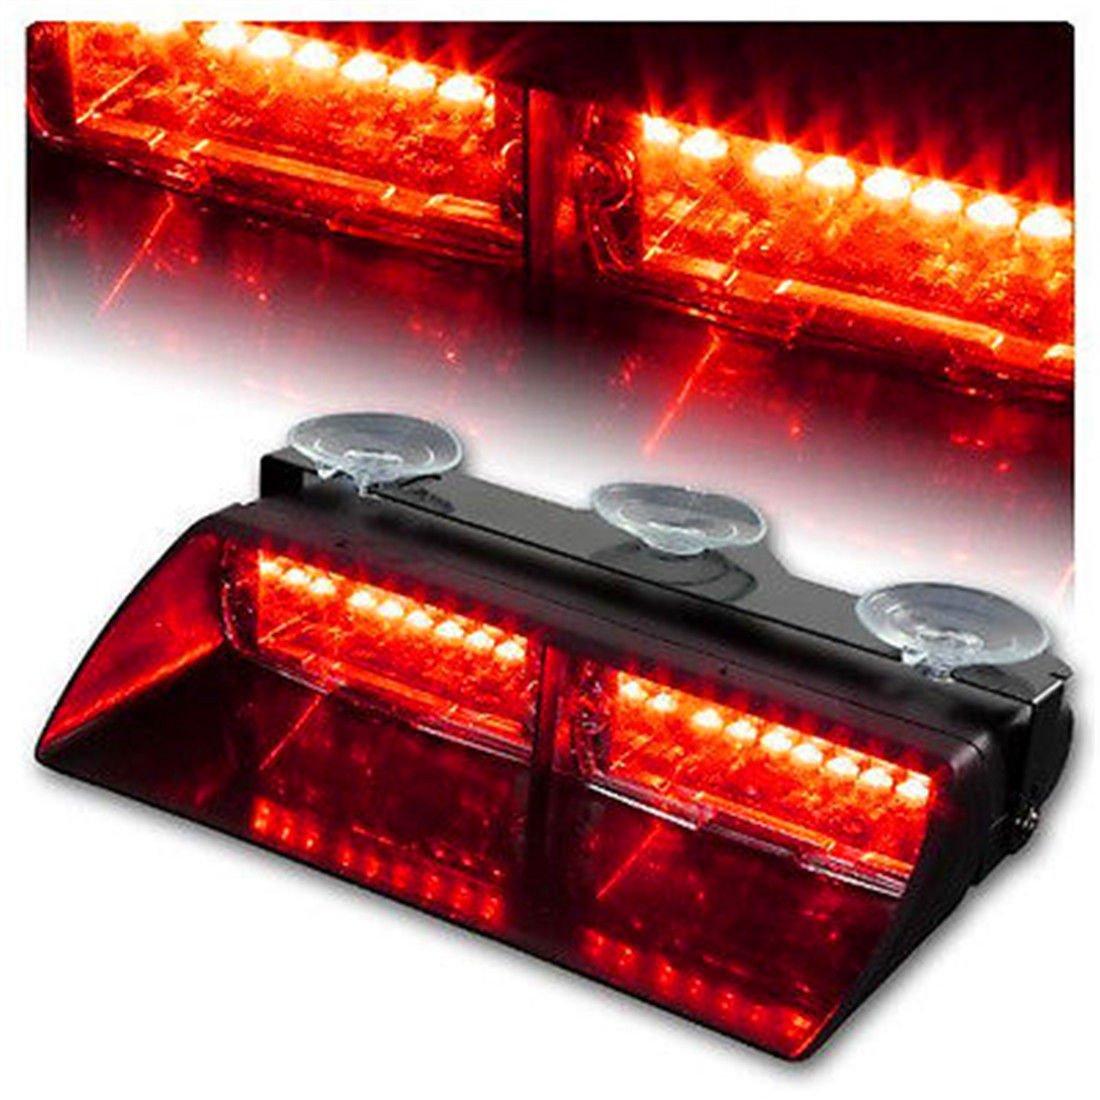 XT AUTO Car 16-led 18 Flashing Mode Emergency Vehicle Dash Warning Strobe Flash Light Red Blue